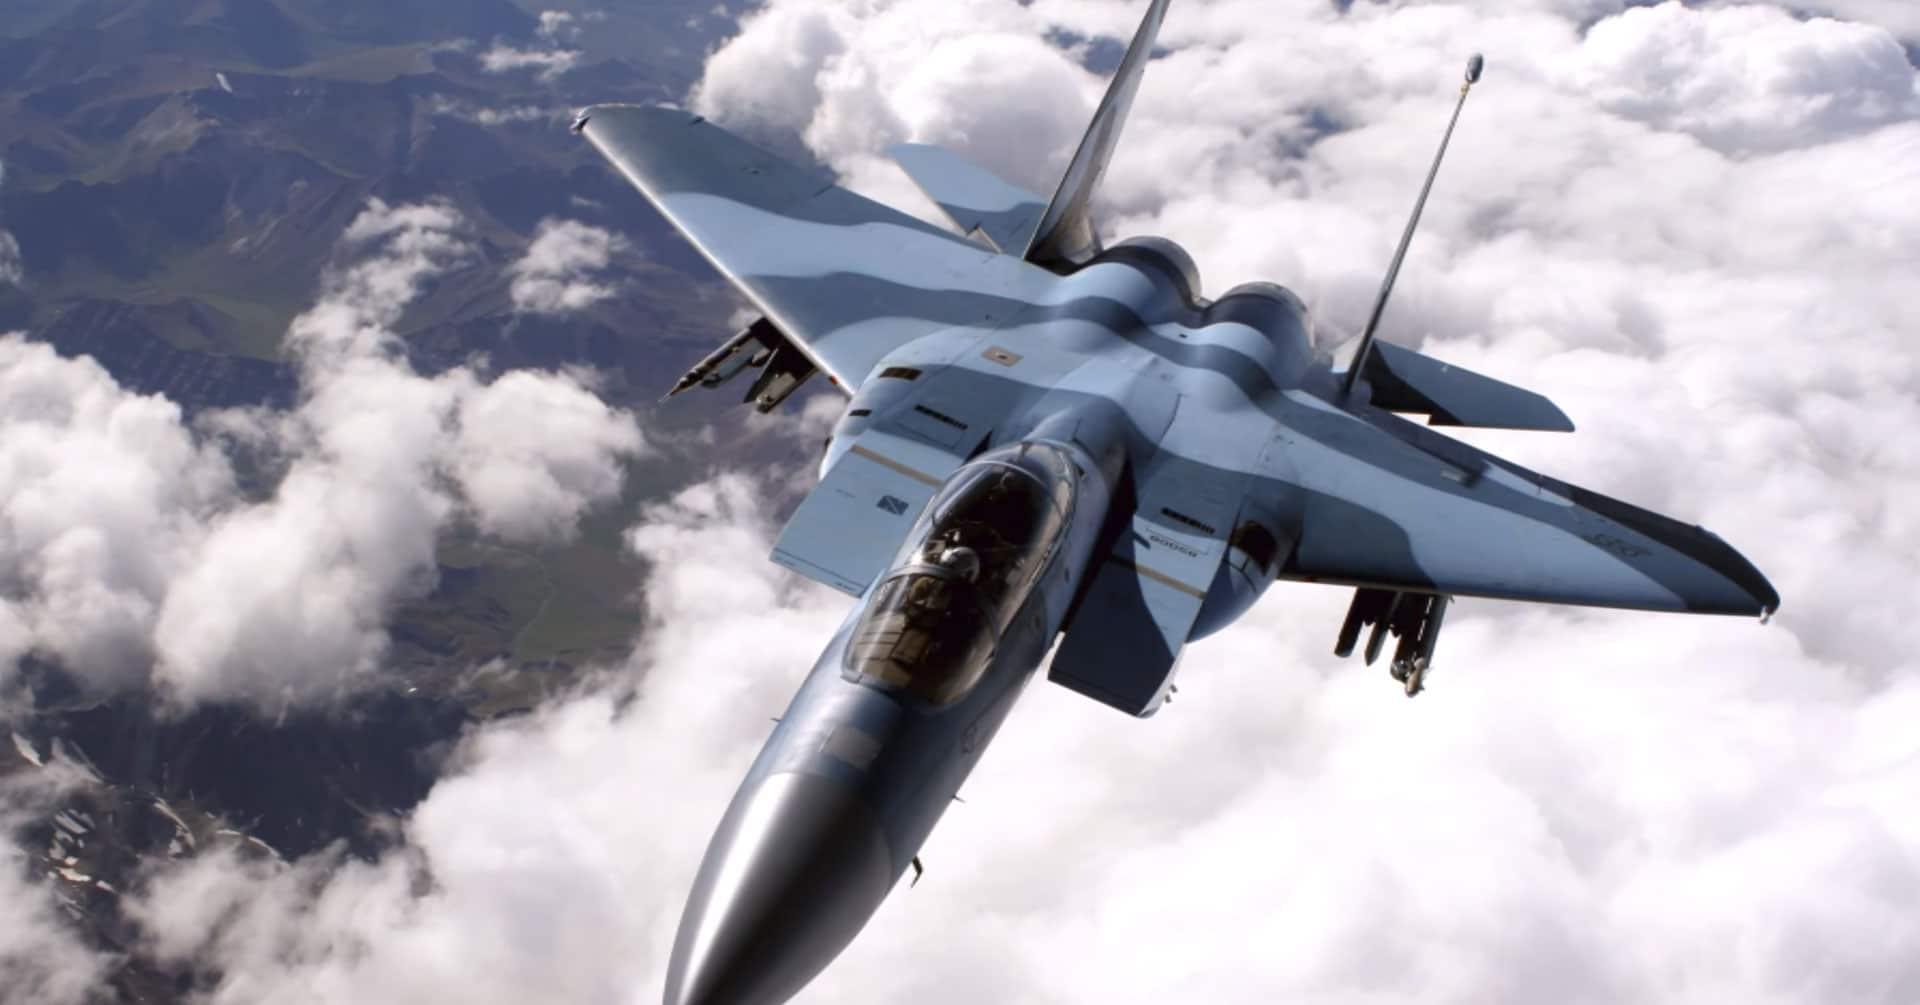 Cazas F-15 se topan con objetos volantes desconocidos en el cielo de Oregón